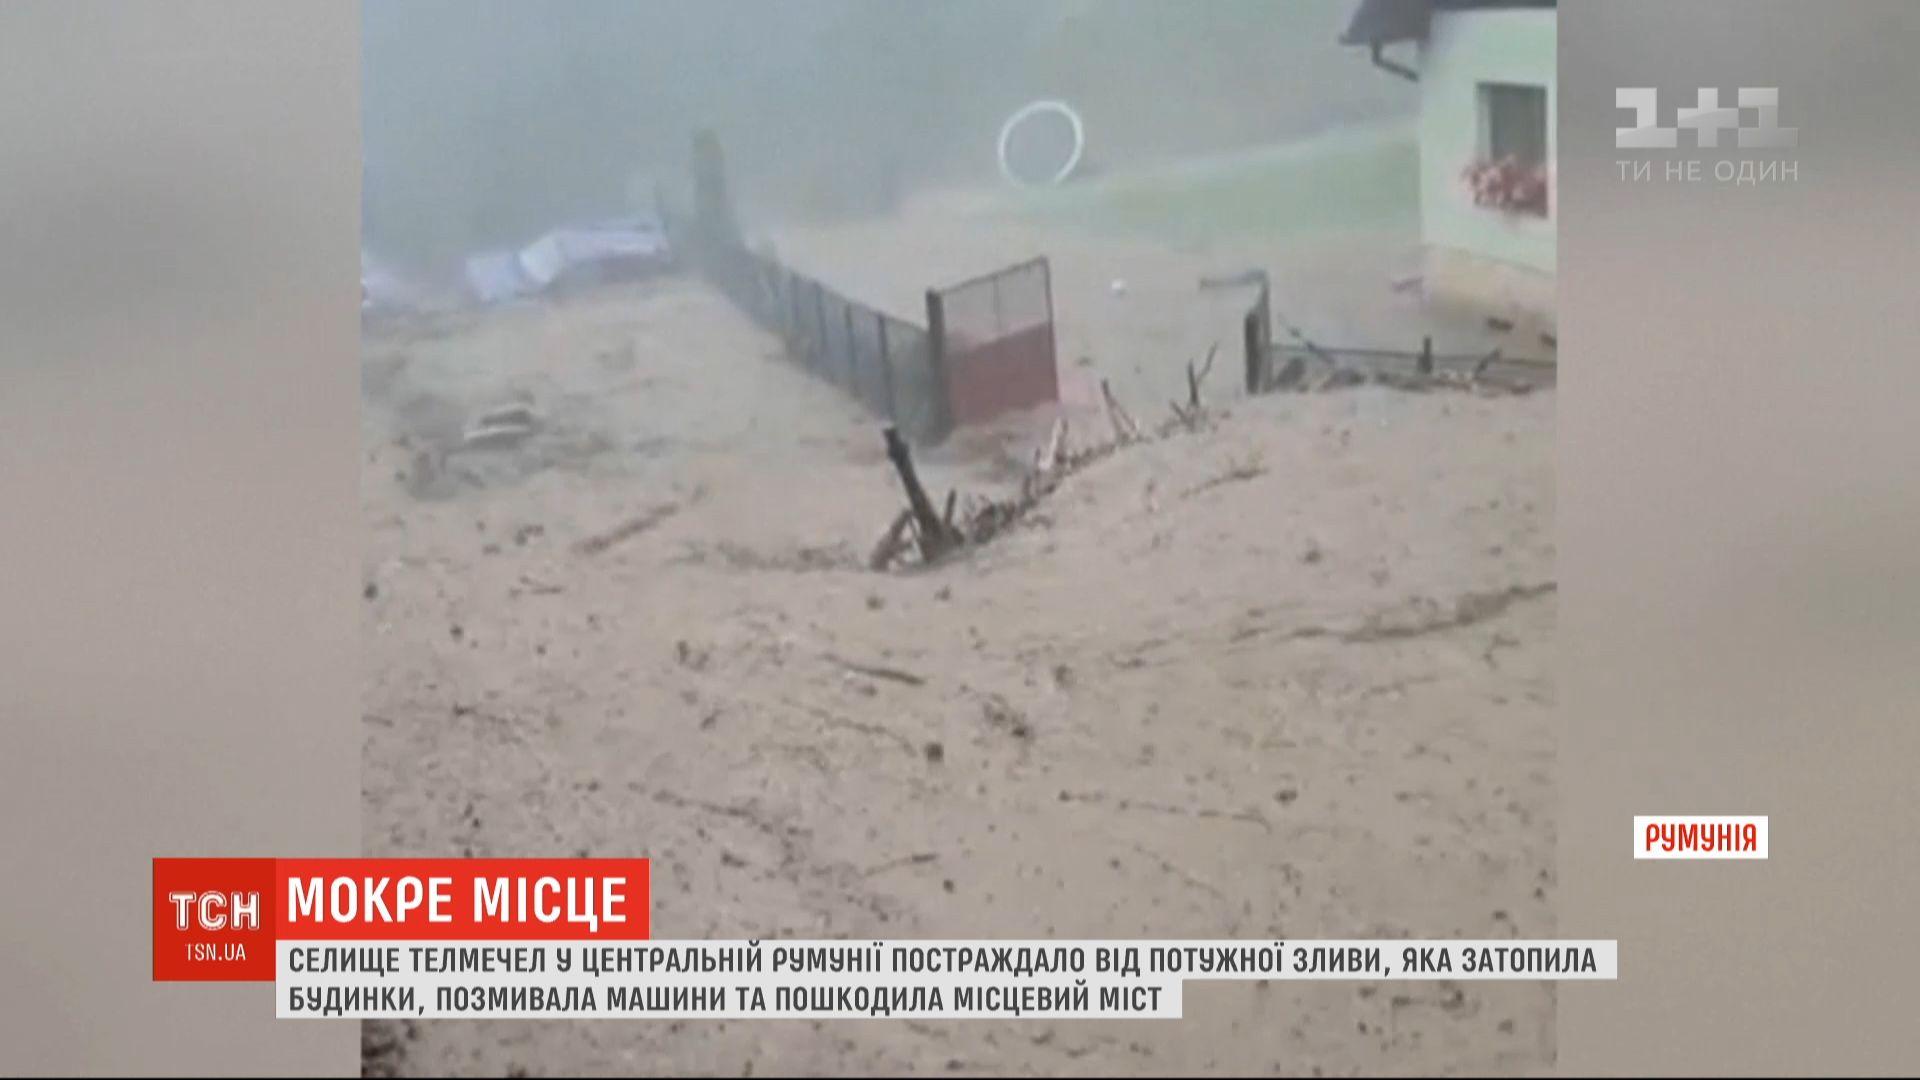 Стихия затопила поселок Телмечел / скриншот